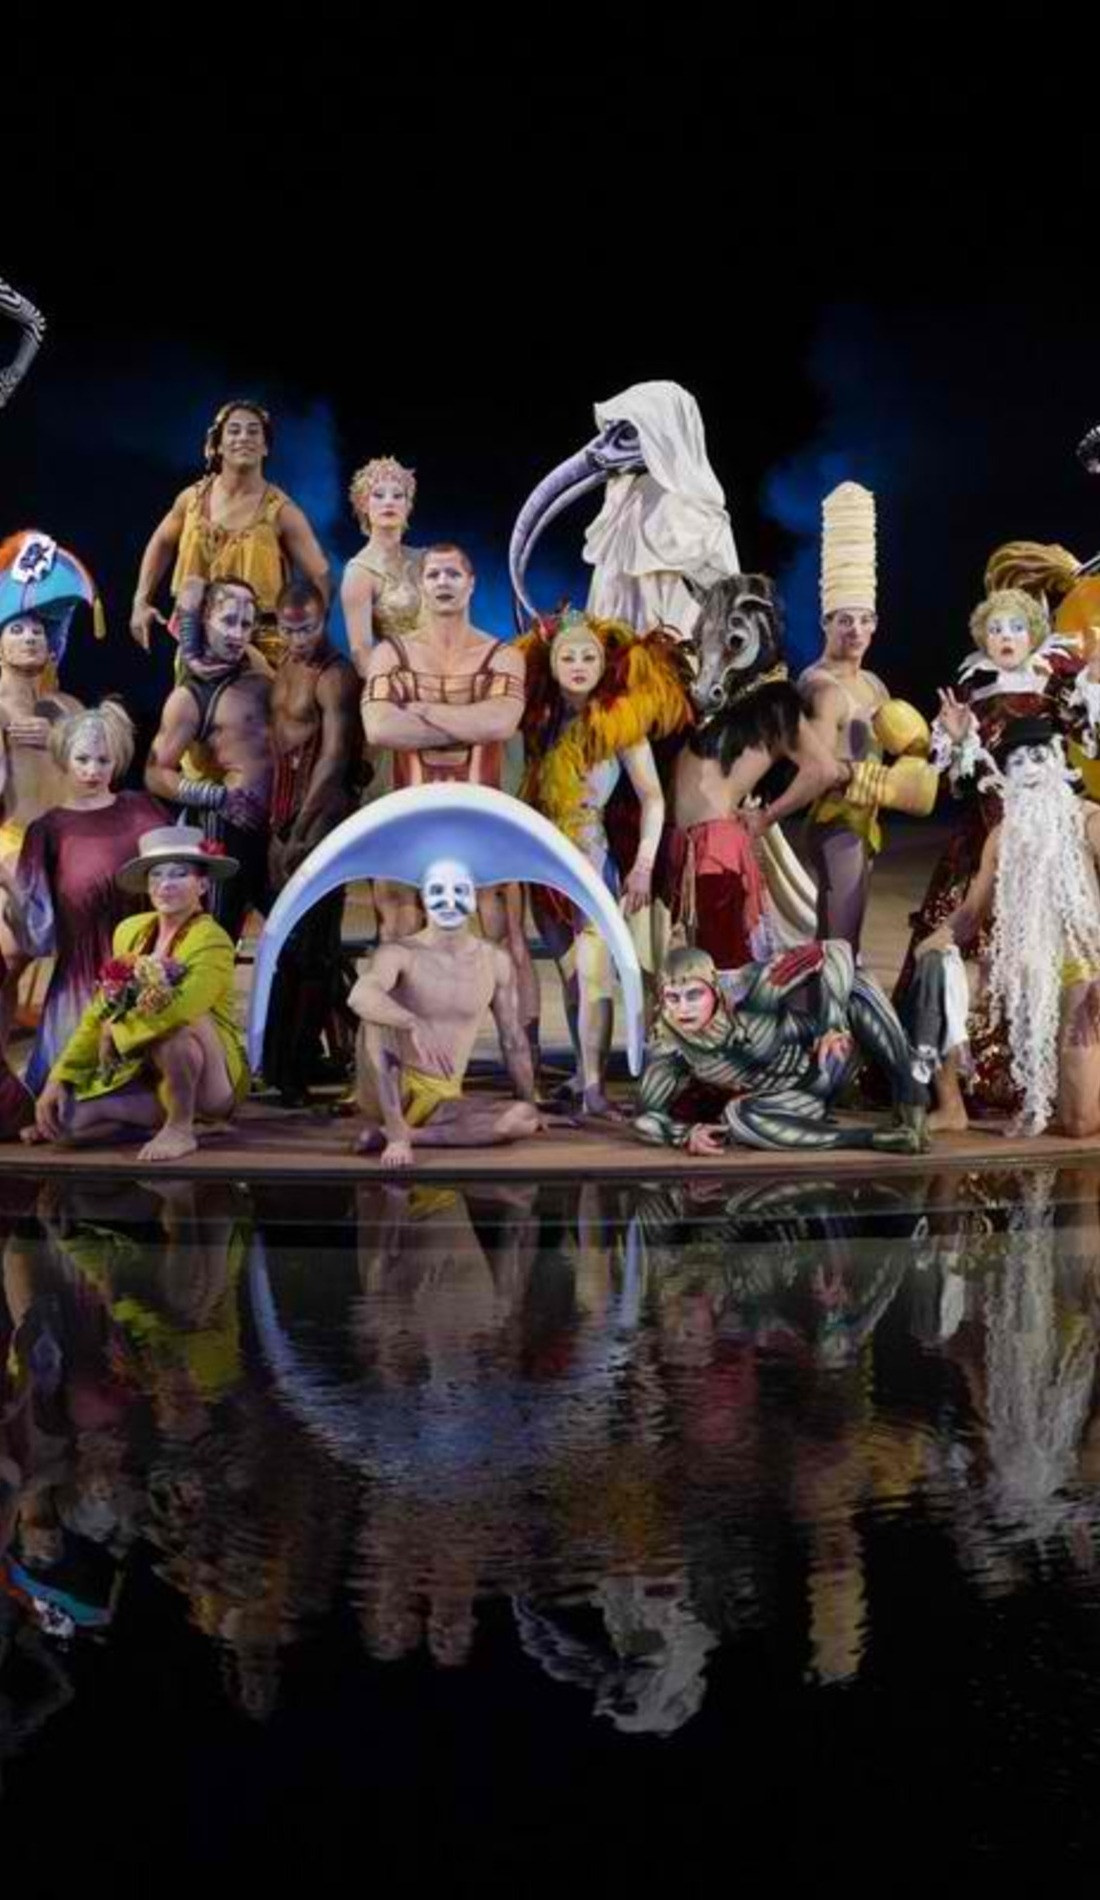 A Cirque du Soleil: O live event